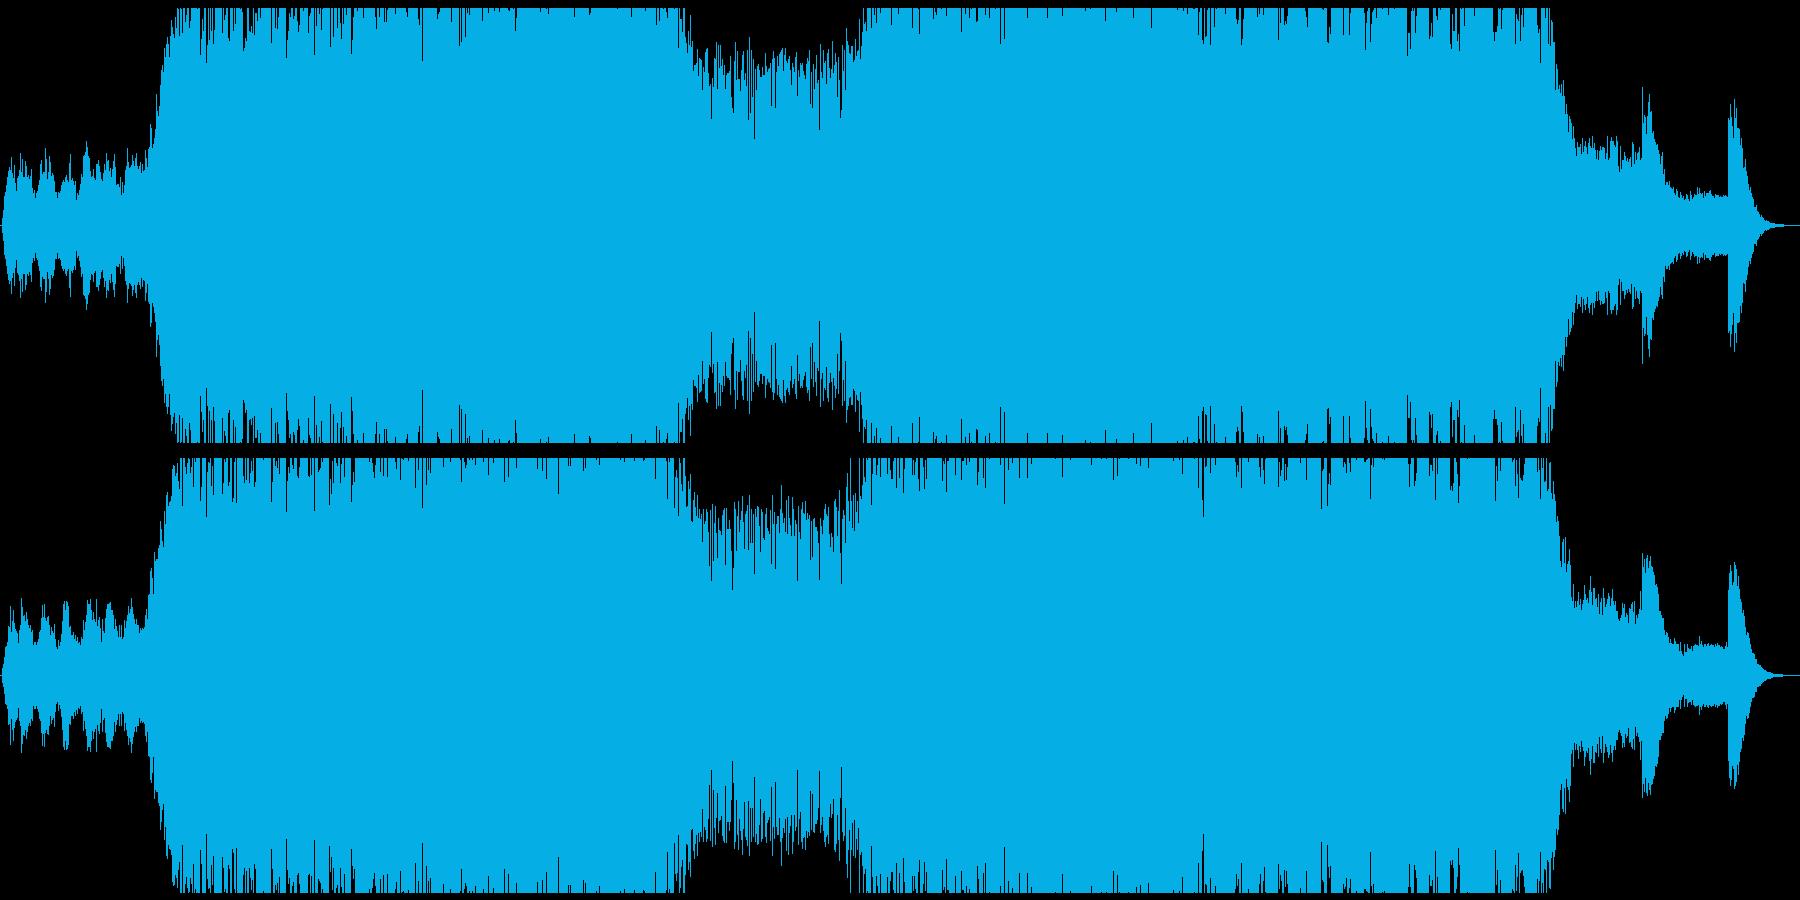 クラブ/ダブステップの再生済みの波形